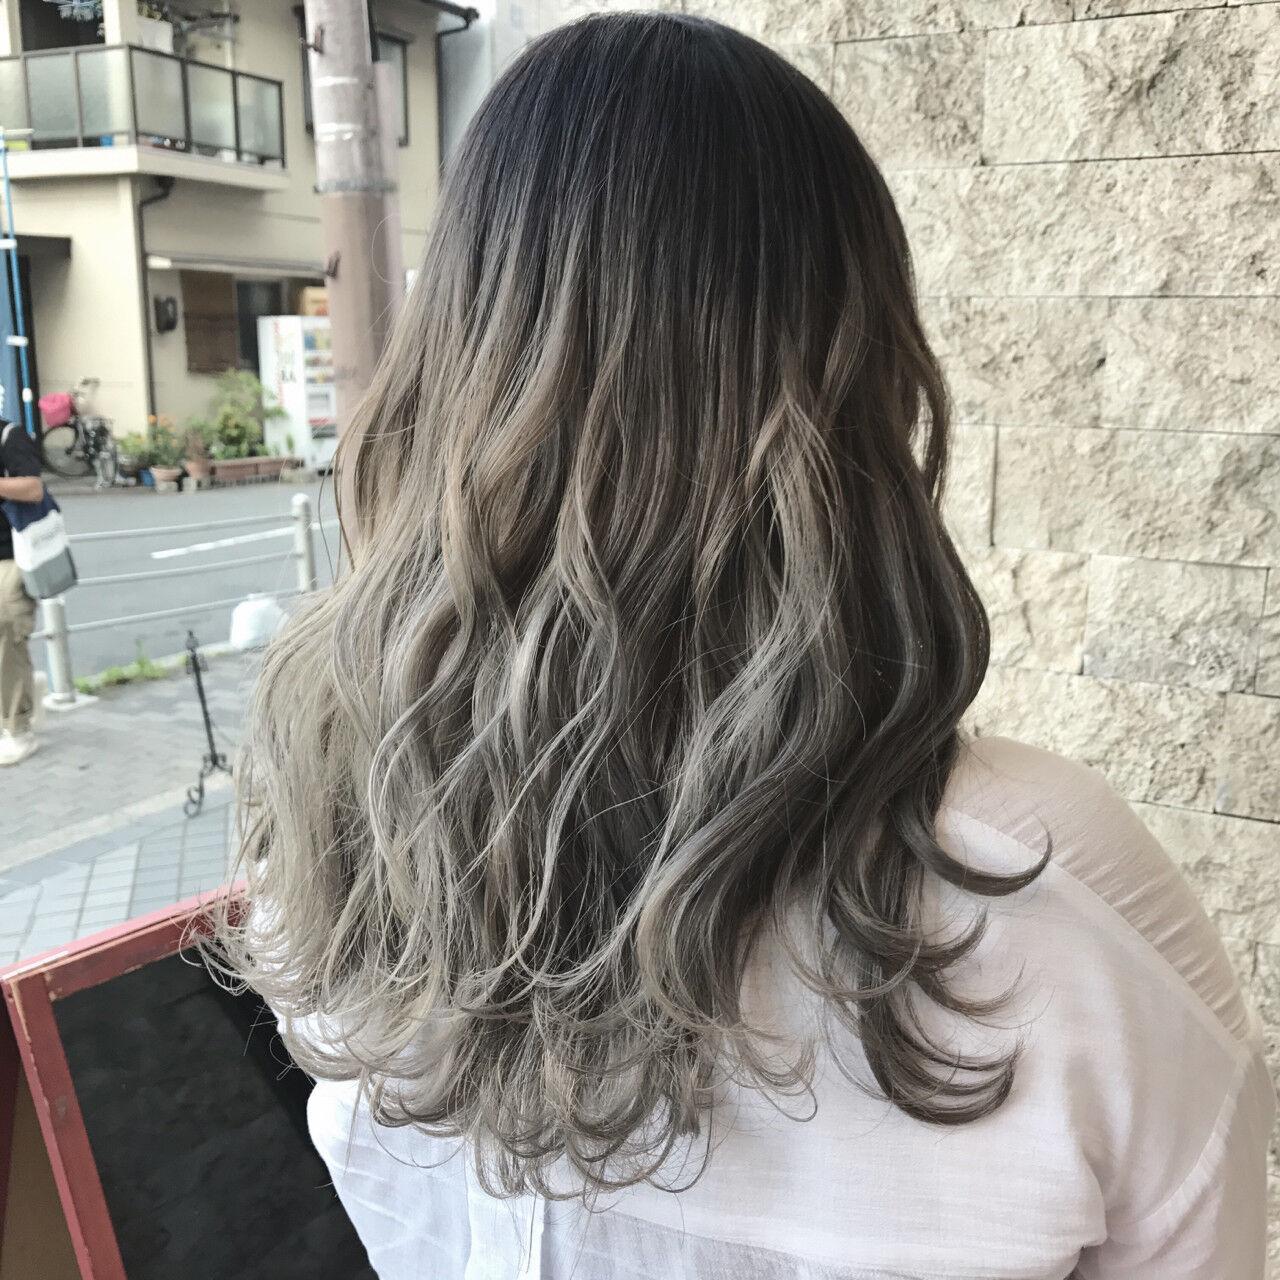 アッシュベージュ ストリート ブラウンベージュ グレージュヘアスタイルや髪型の写真・画像